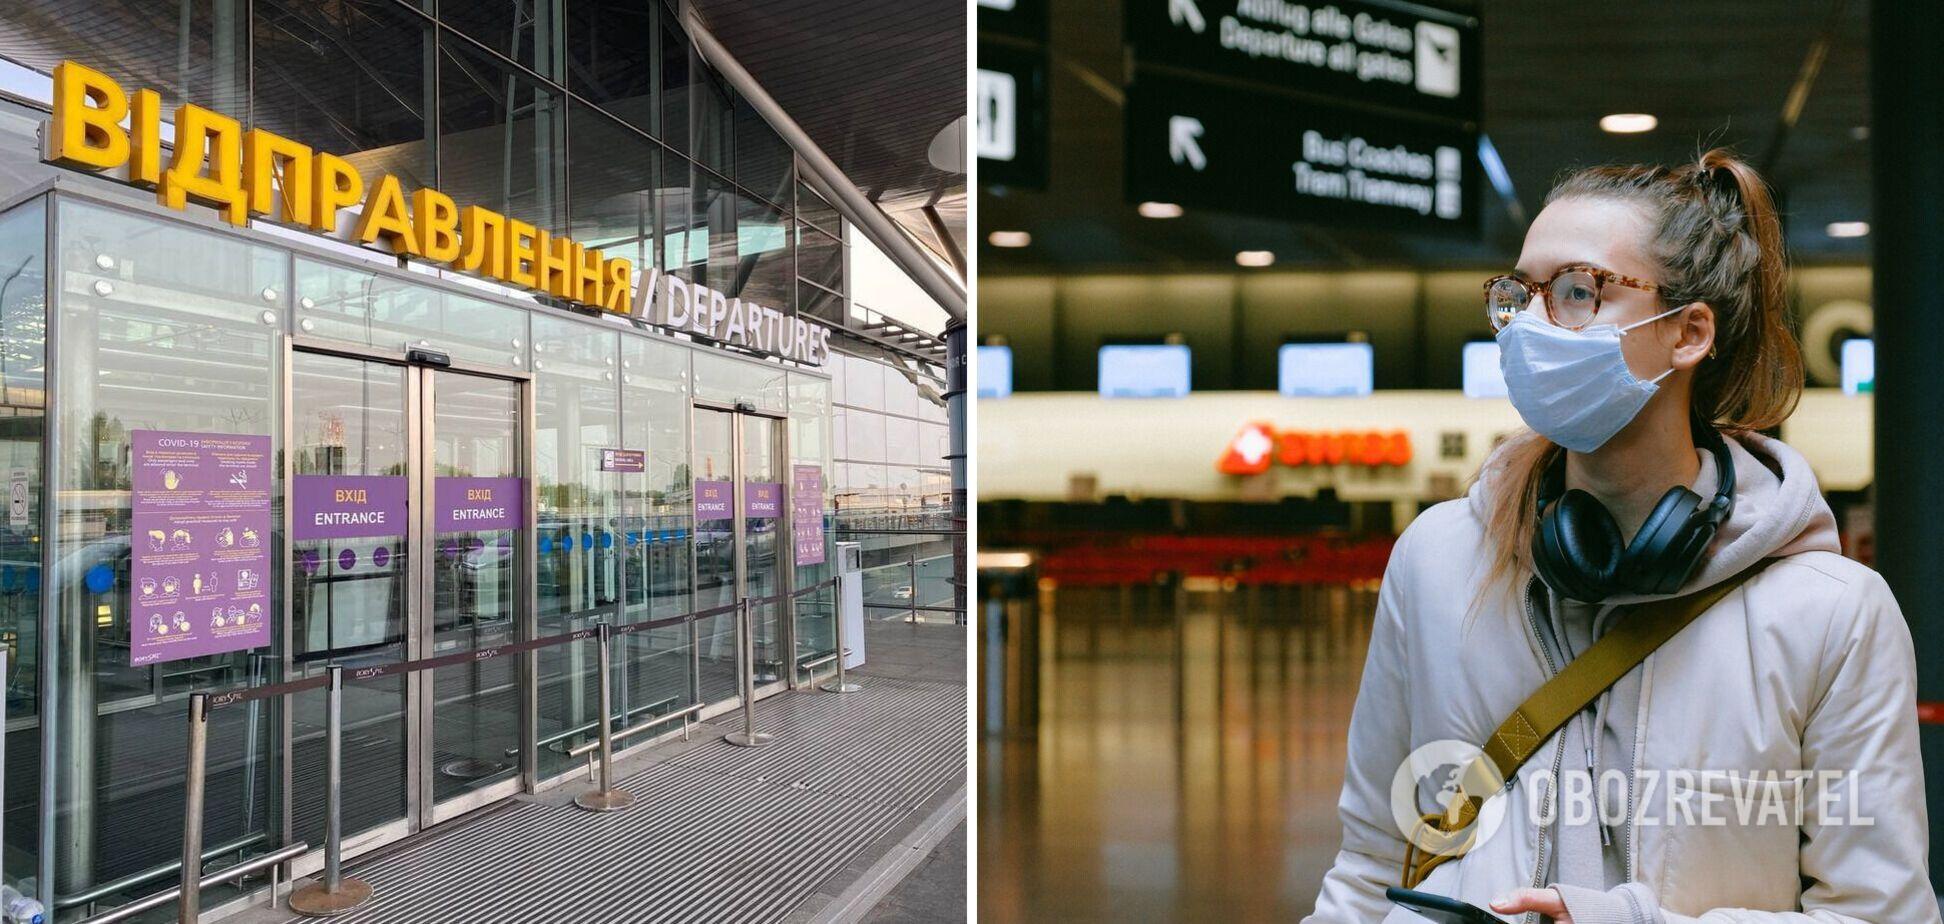 7 безкоштовних послуг в аеропортах, про які мало хто знає